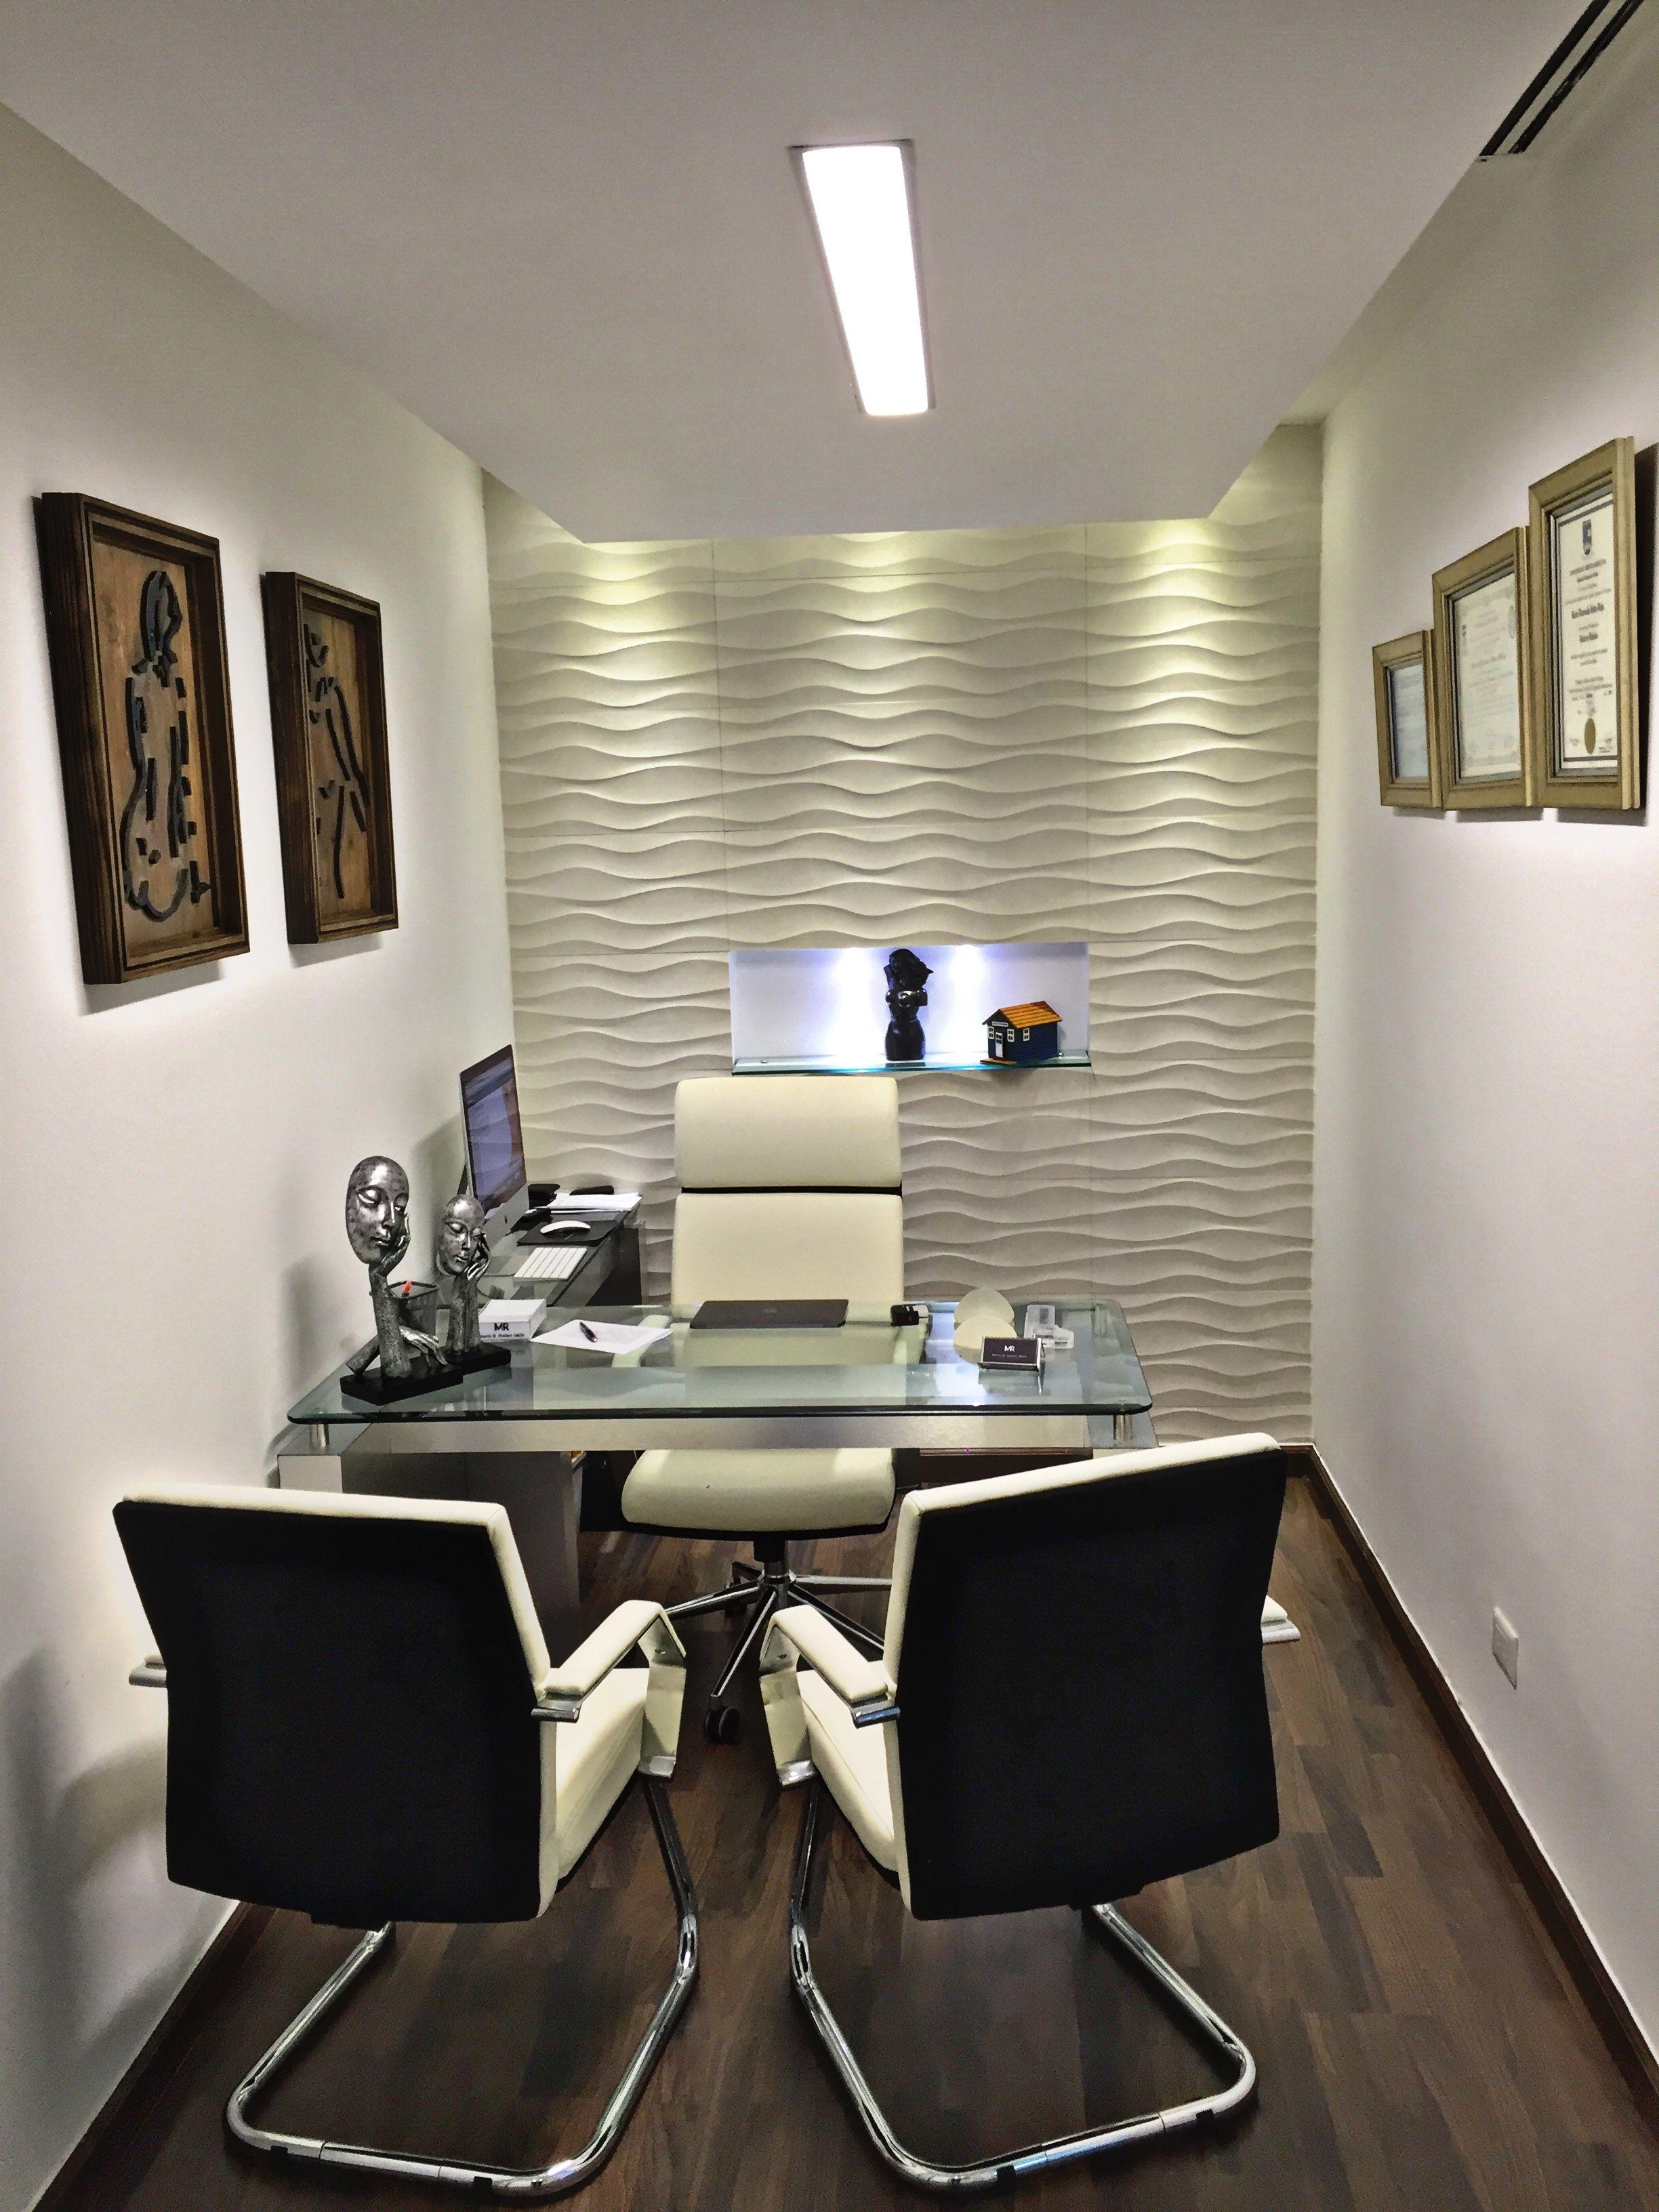 Dr.M Office - Santo Domingo, Dominican Republic. - # ...